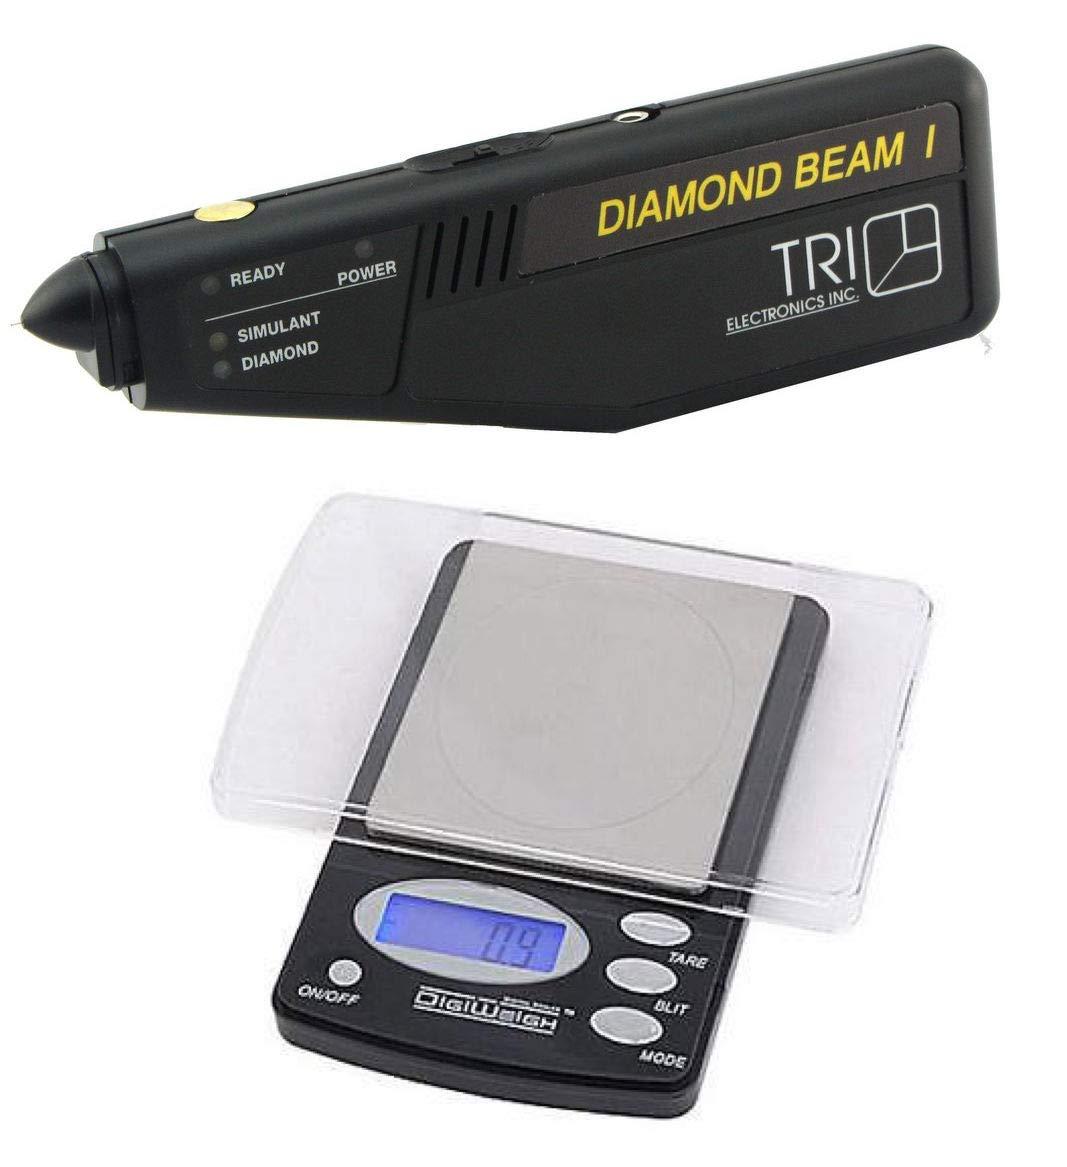 Tri Electronics Diamond Testser W/ 1000 Gram Jewelry Scale by Best Jewelry Supply (Image #1)